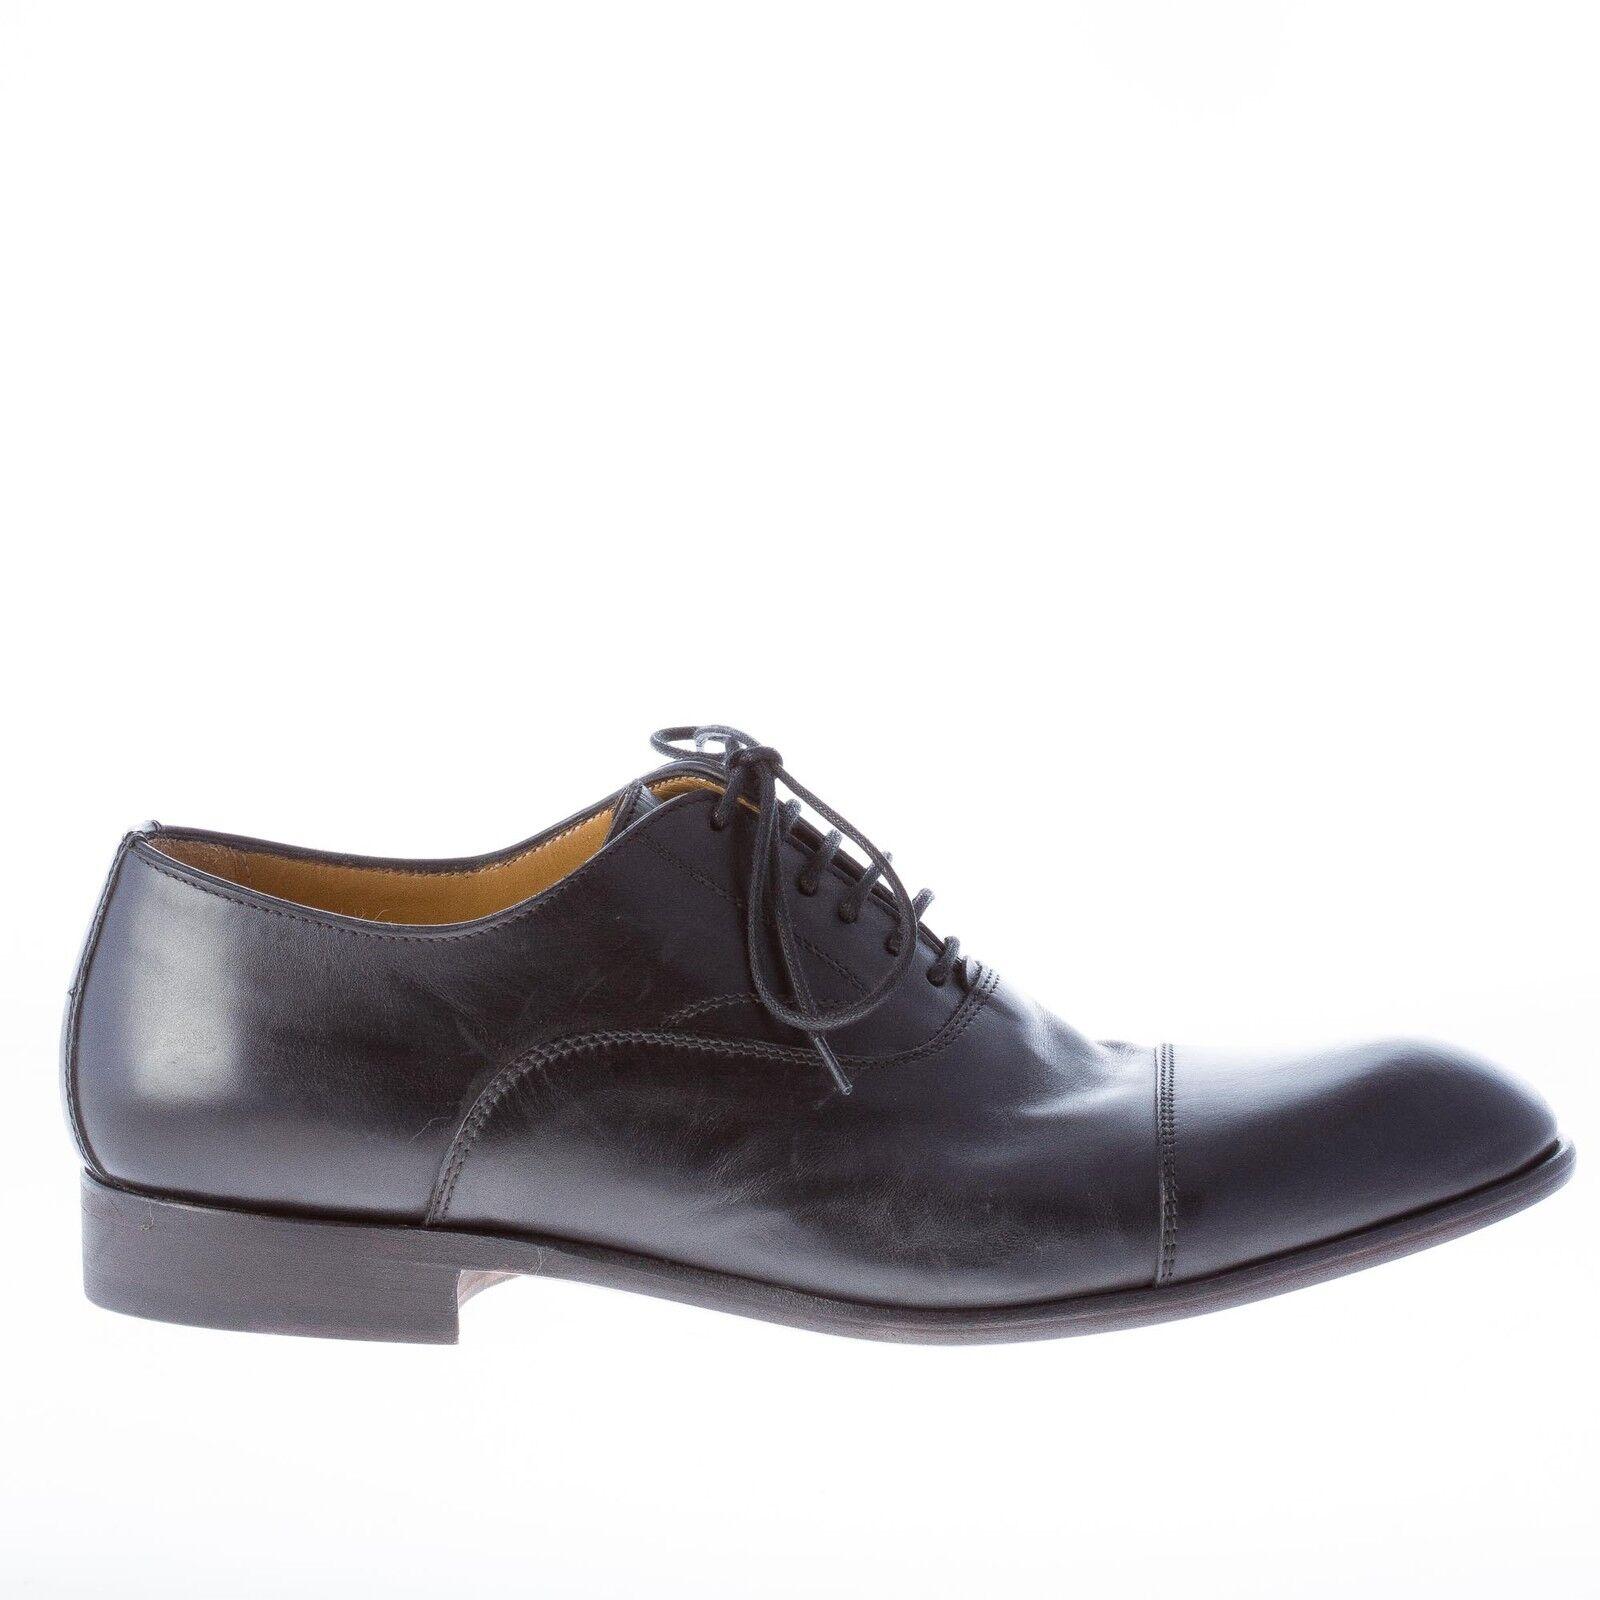 MIGLIORE scarpe uomo men francesina in vitello nero con puntale suola in cuoio